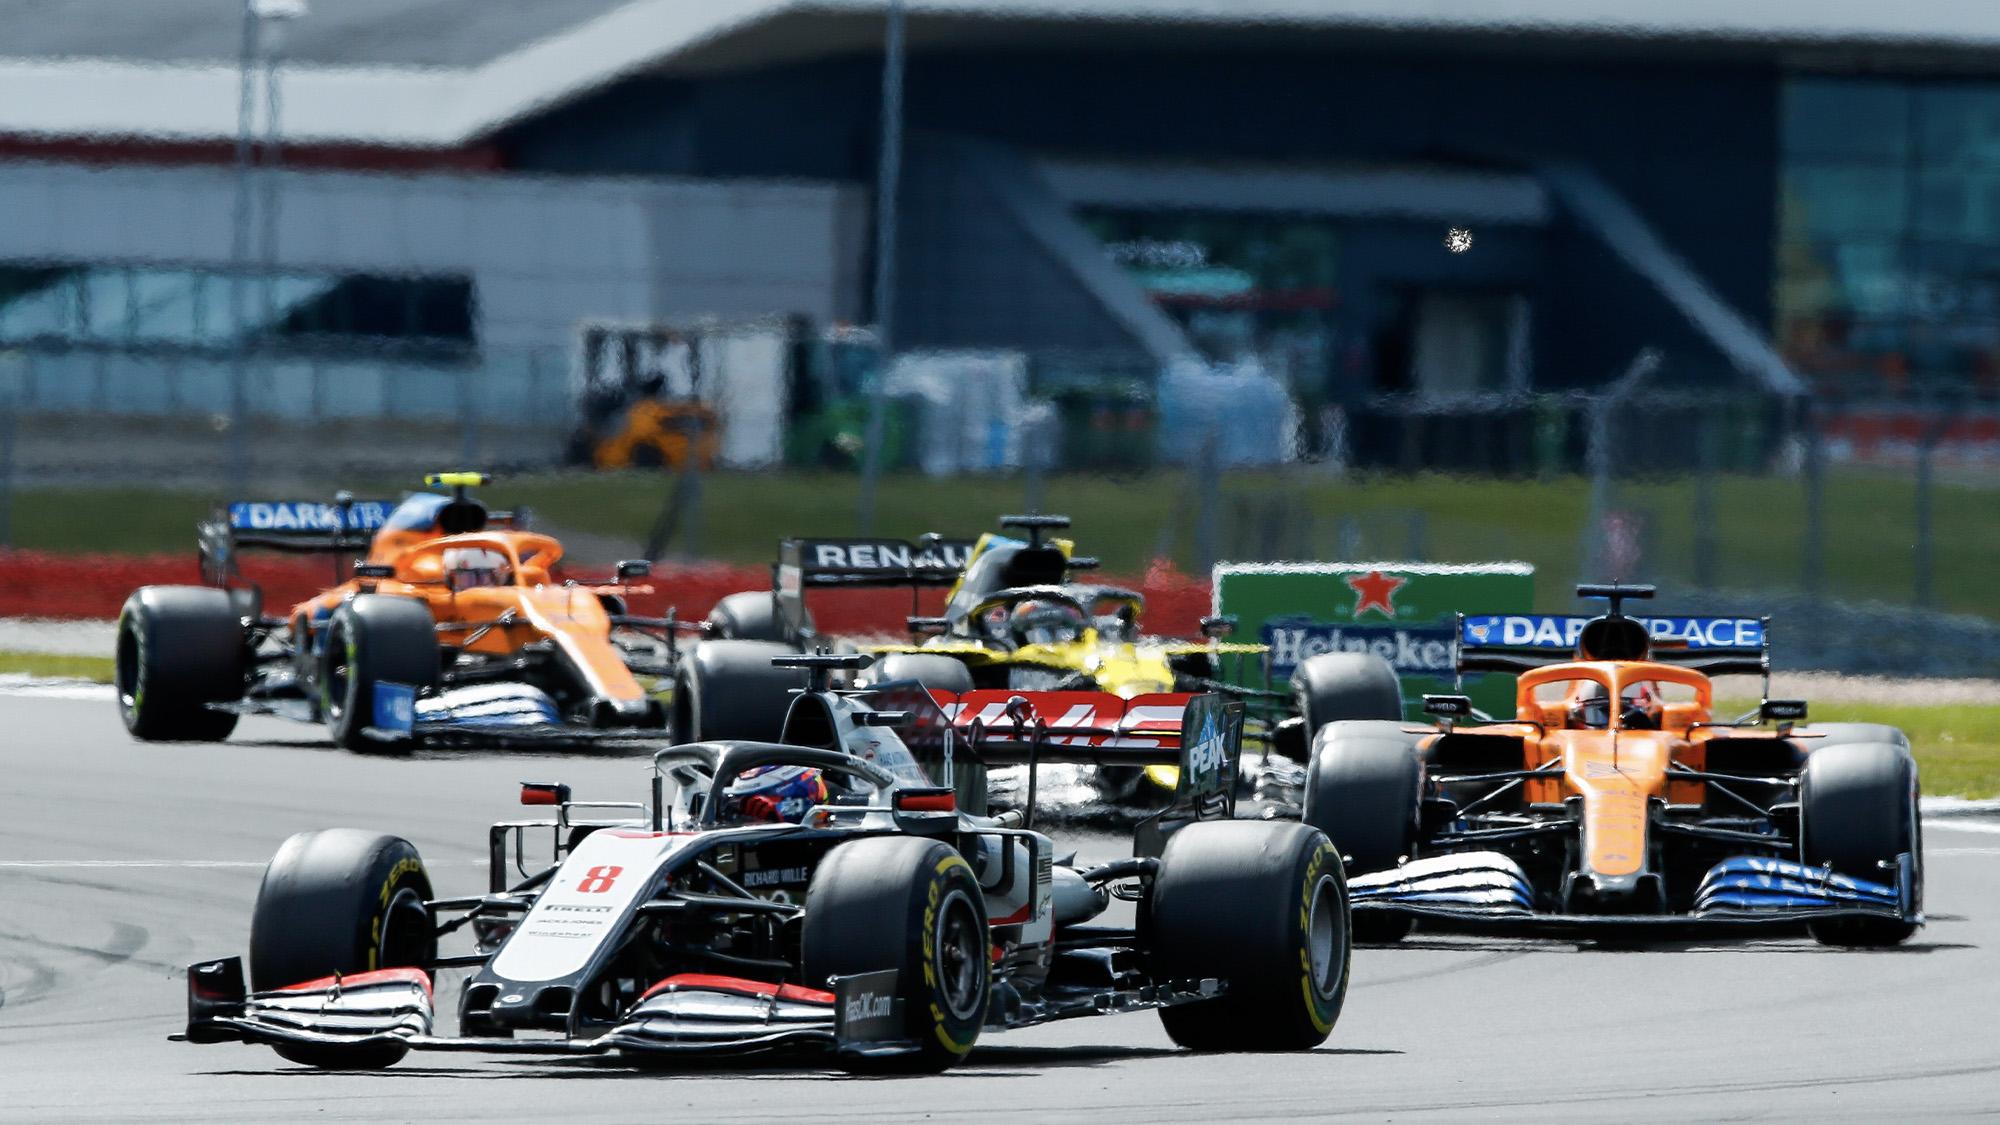 Romain Grosjean heads a train of cars at Silverstone in the 2020 F1 British Grand Prix